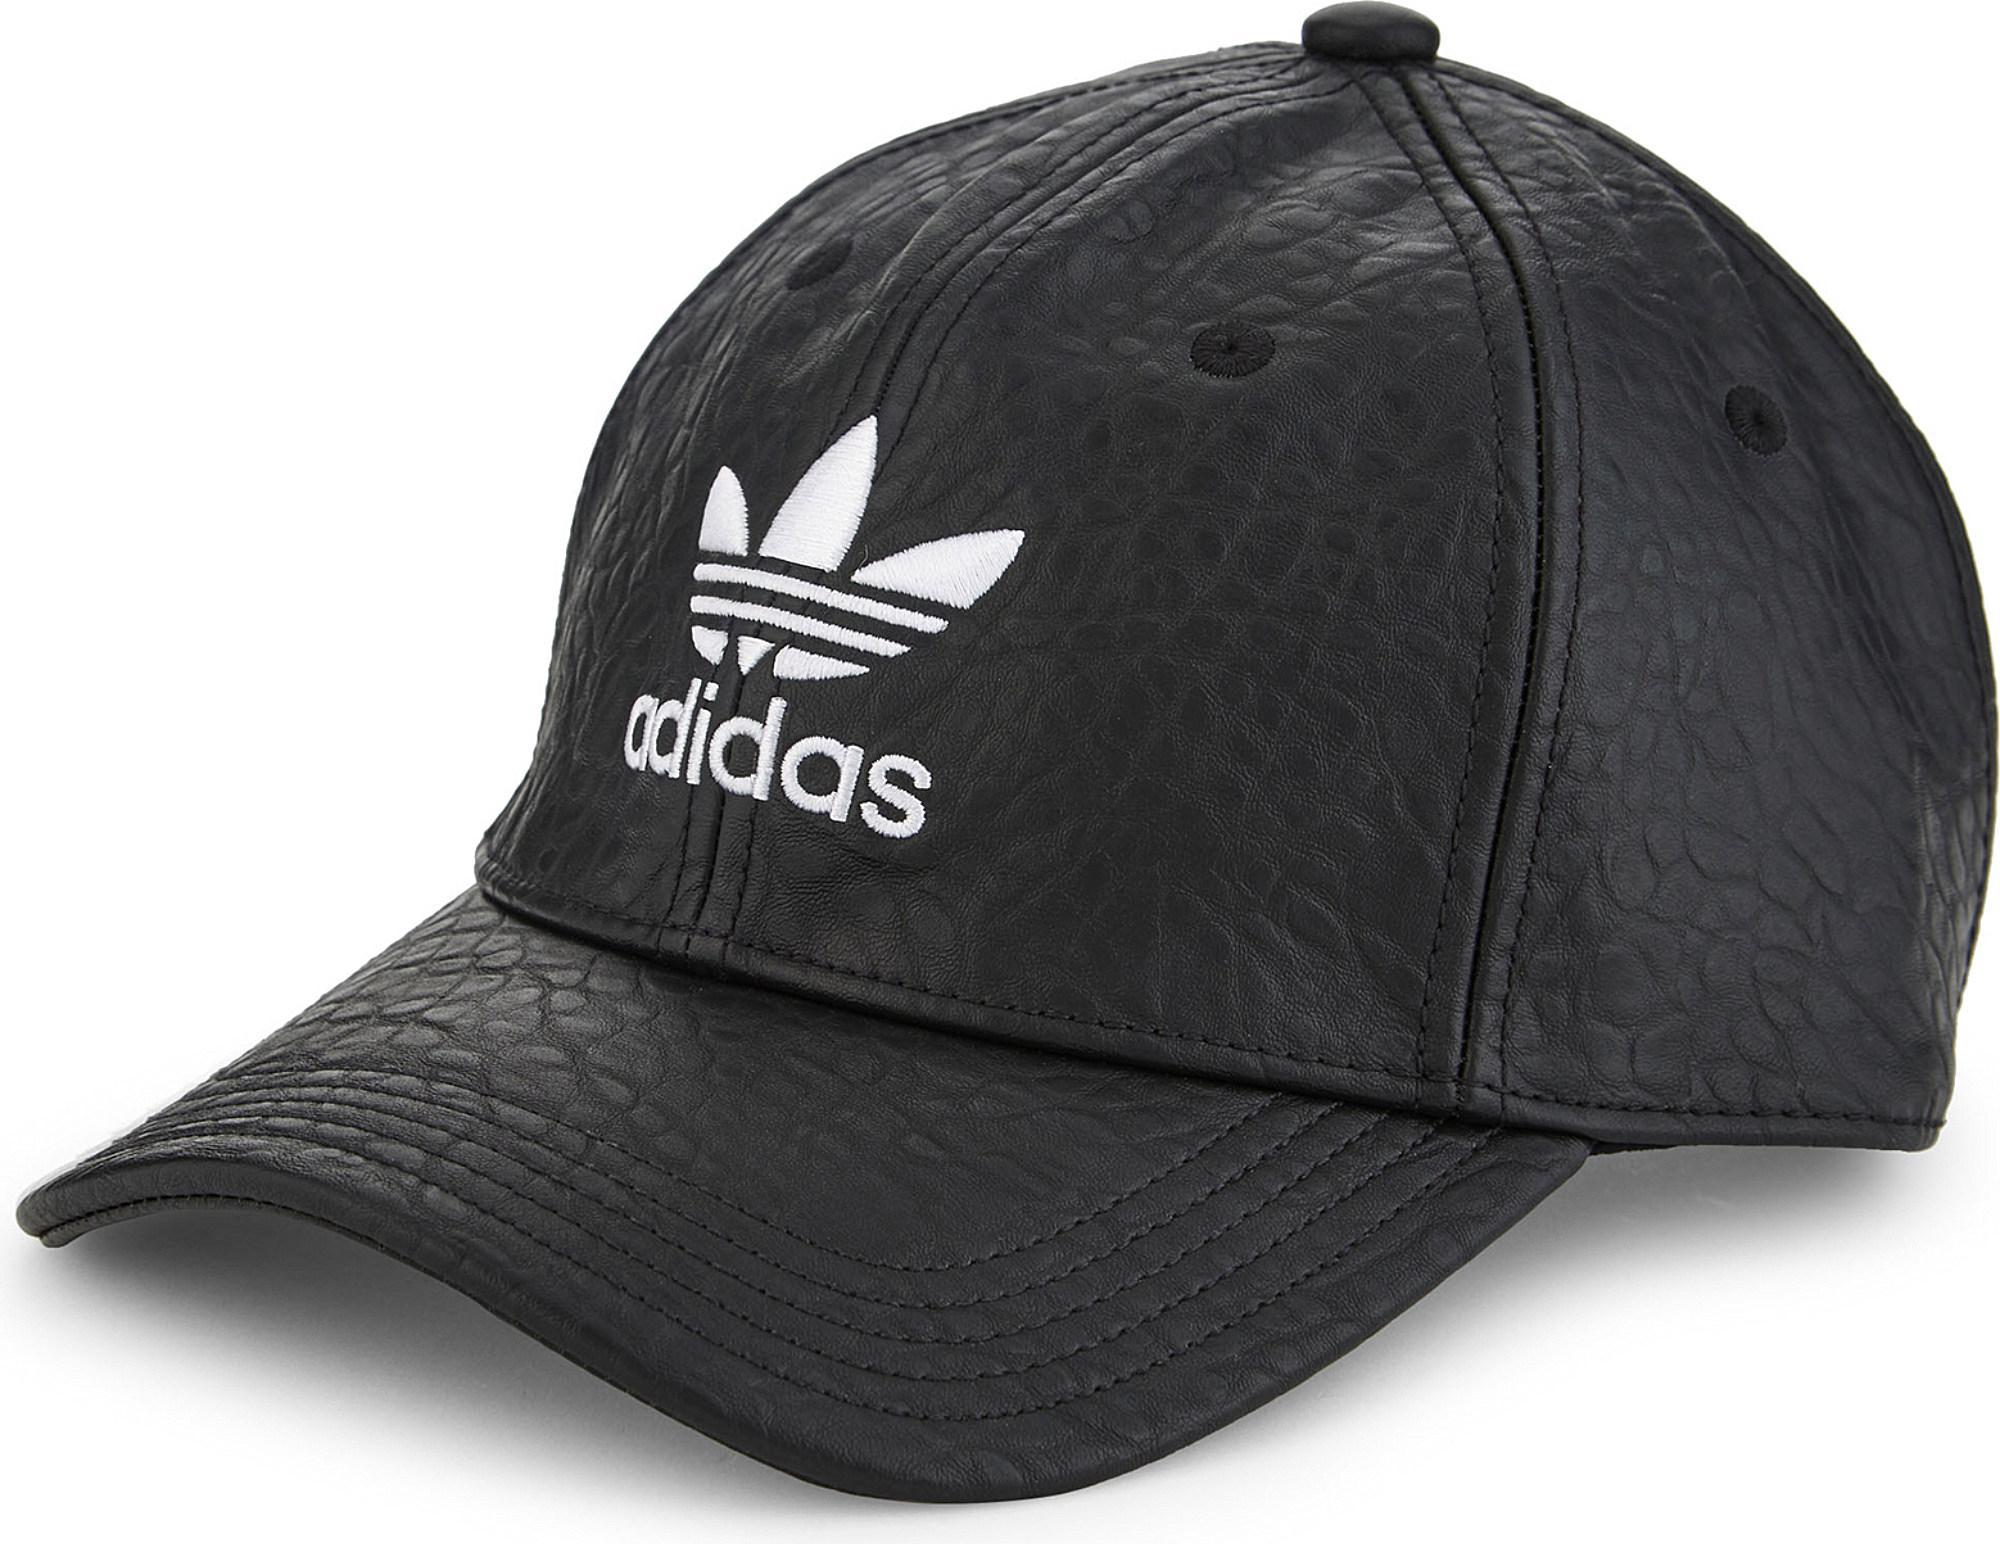 f6dab987 sweden adidas originals trefoil snapback baseball cap 536d0 d18d3; new  zealand lyst adidas originals trefoil faux leather strapback cap in black  34f91 59176